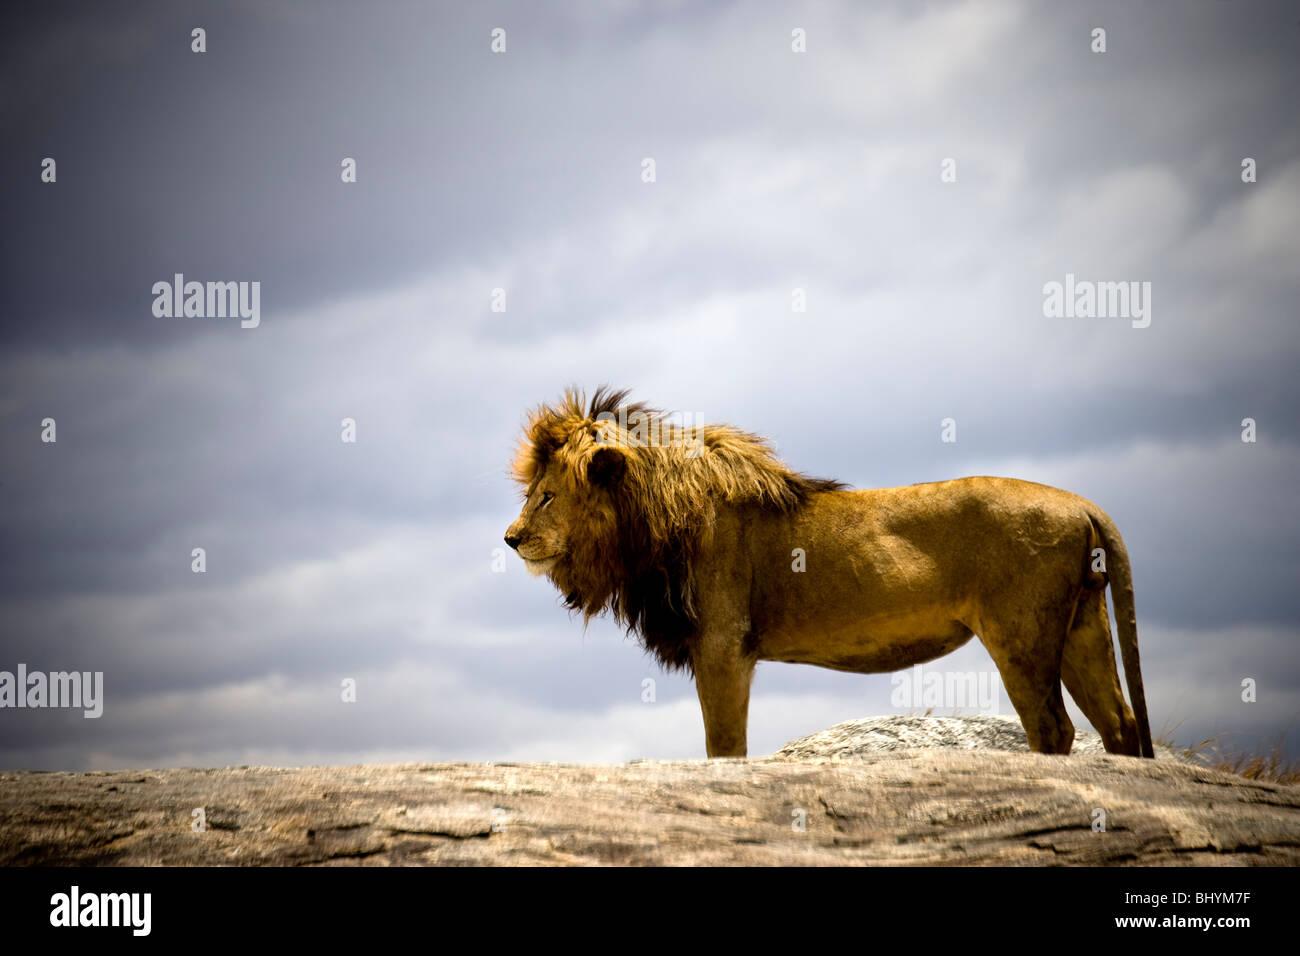 León macho, Parque nacional Serengeti, Tanzania, África Oriental Foto de stock